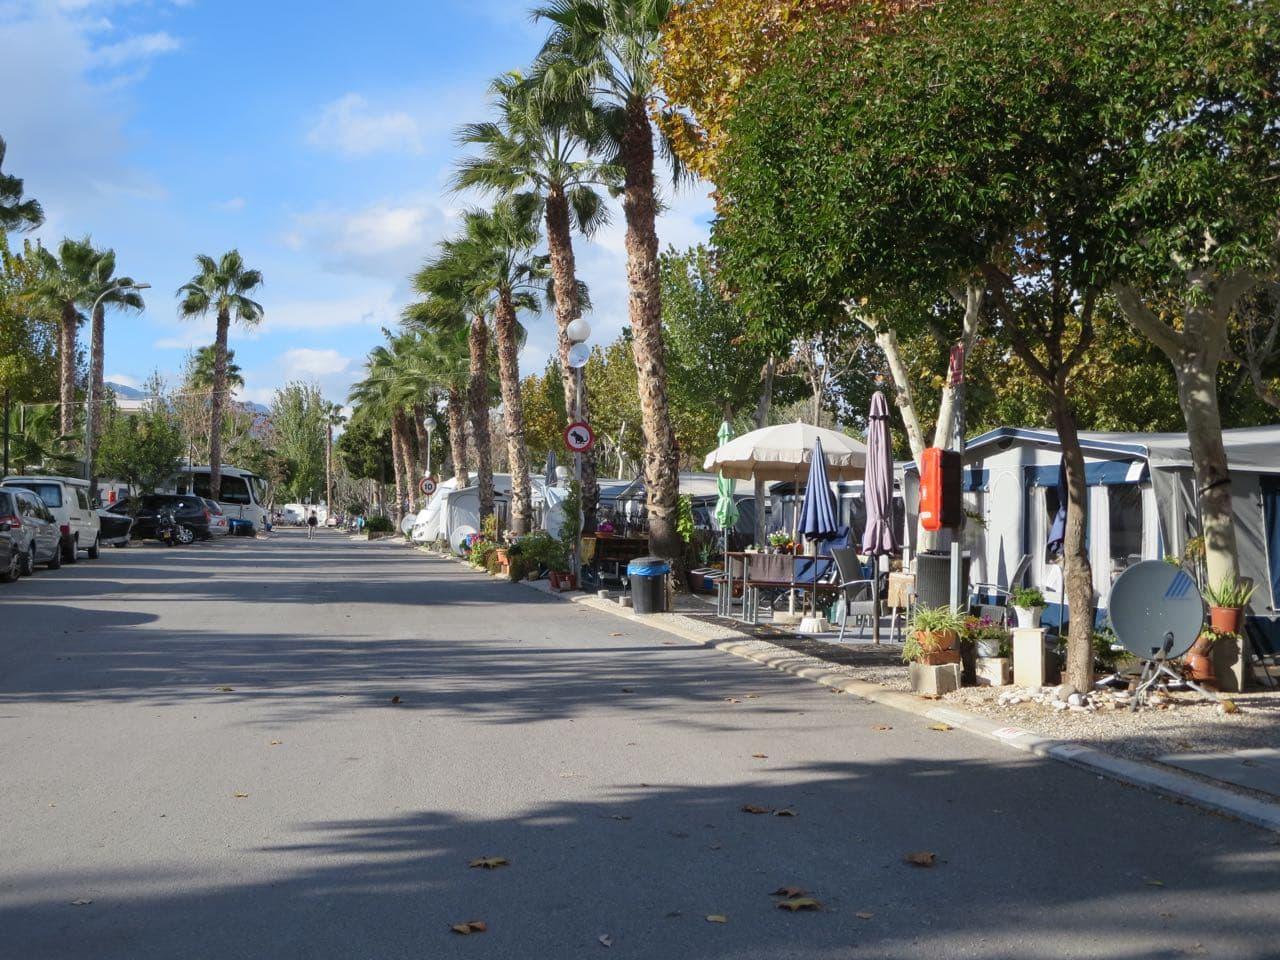 Eine Straße mit Palmen und Dauercampern